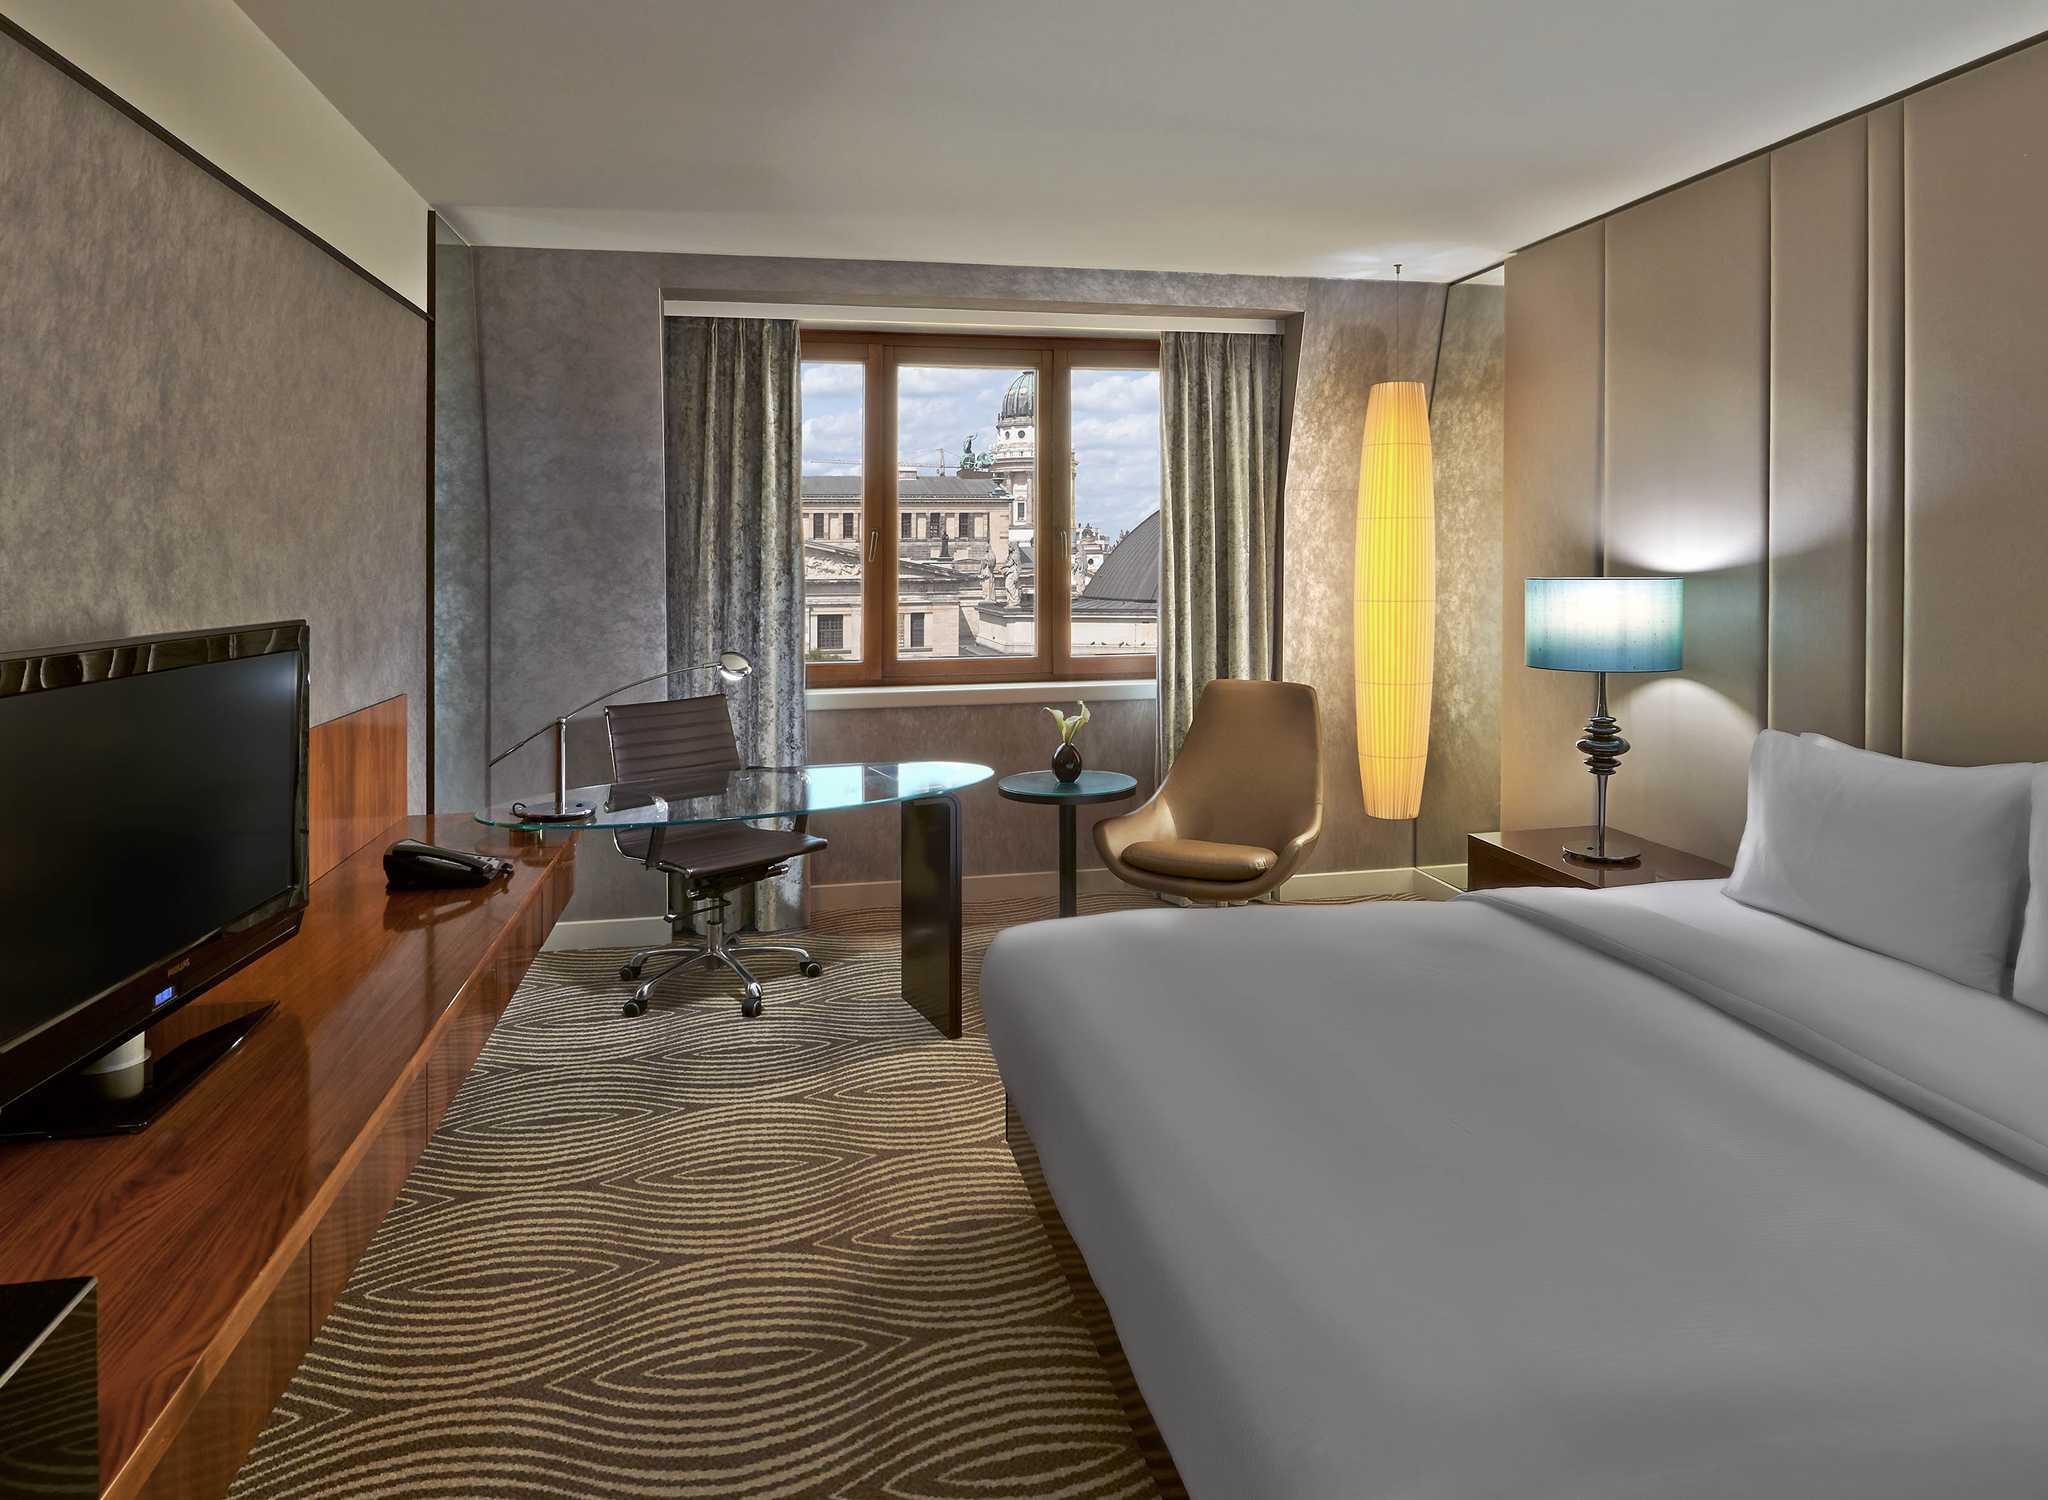 Hilton Berlin Hotel - Hotel in Berlijn, Duitsland - Hotel in ...